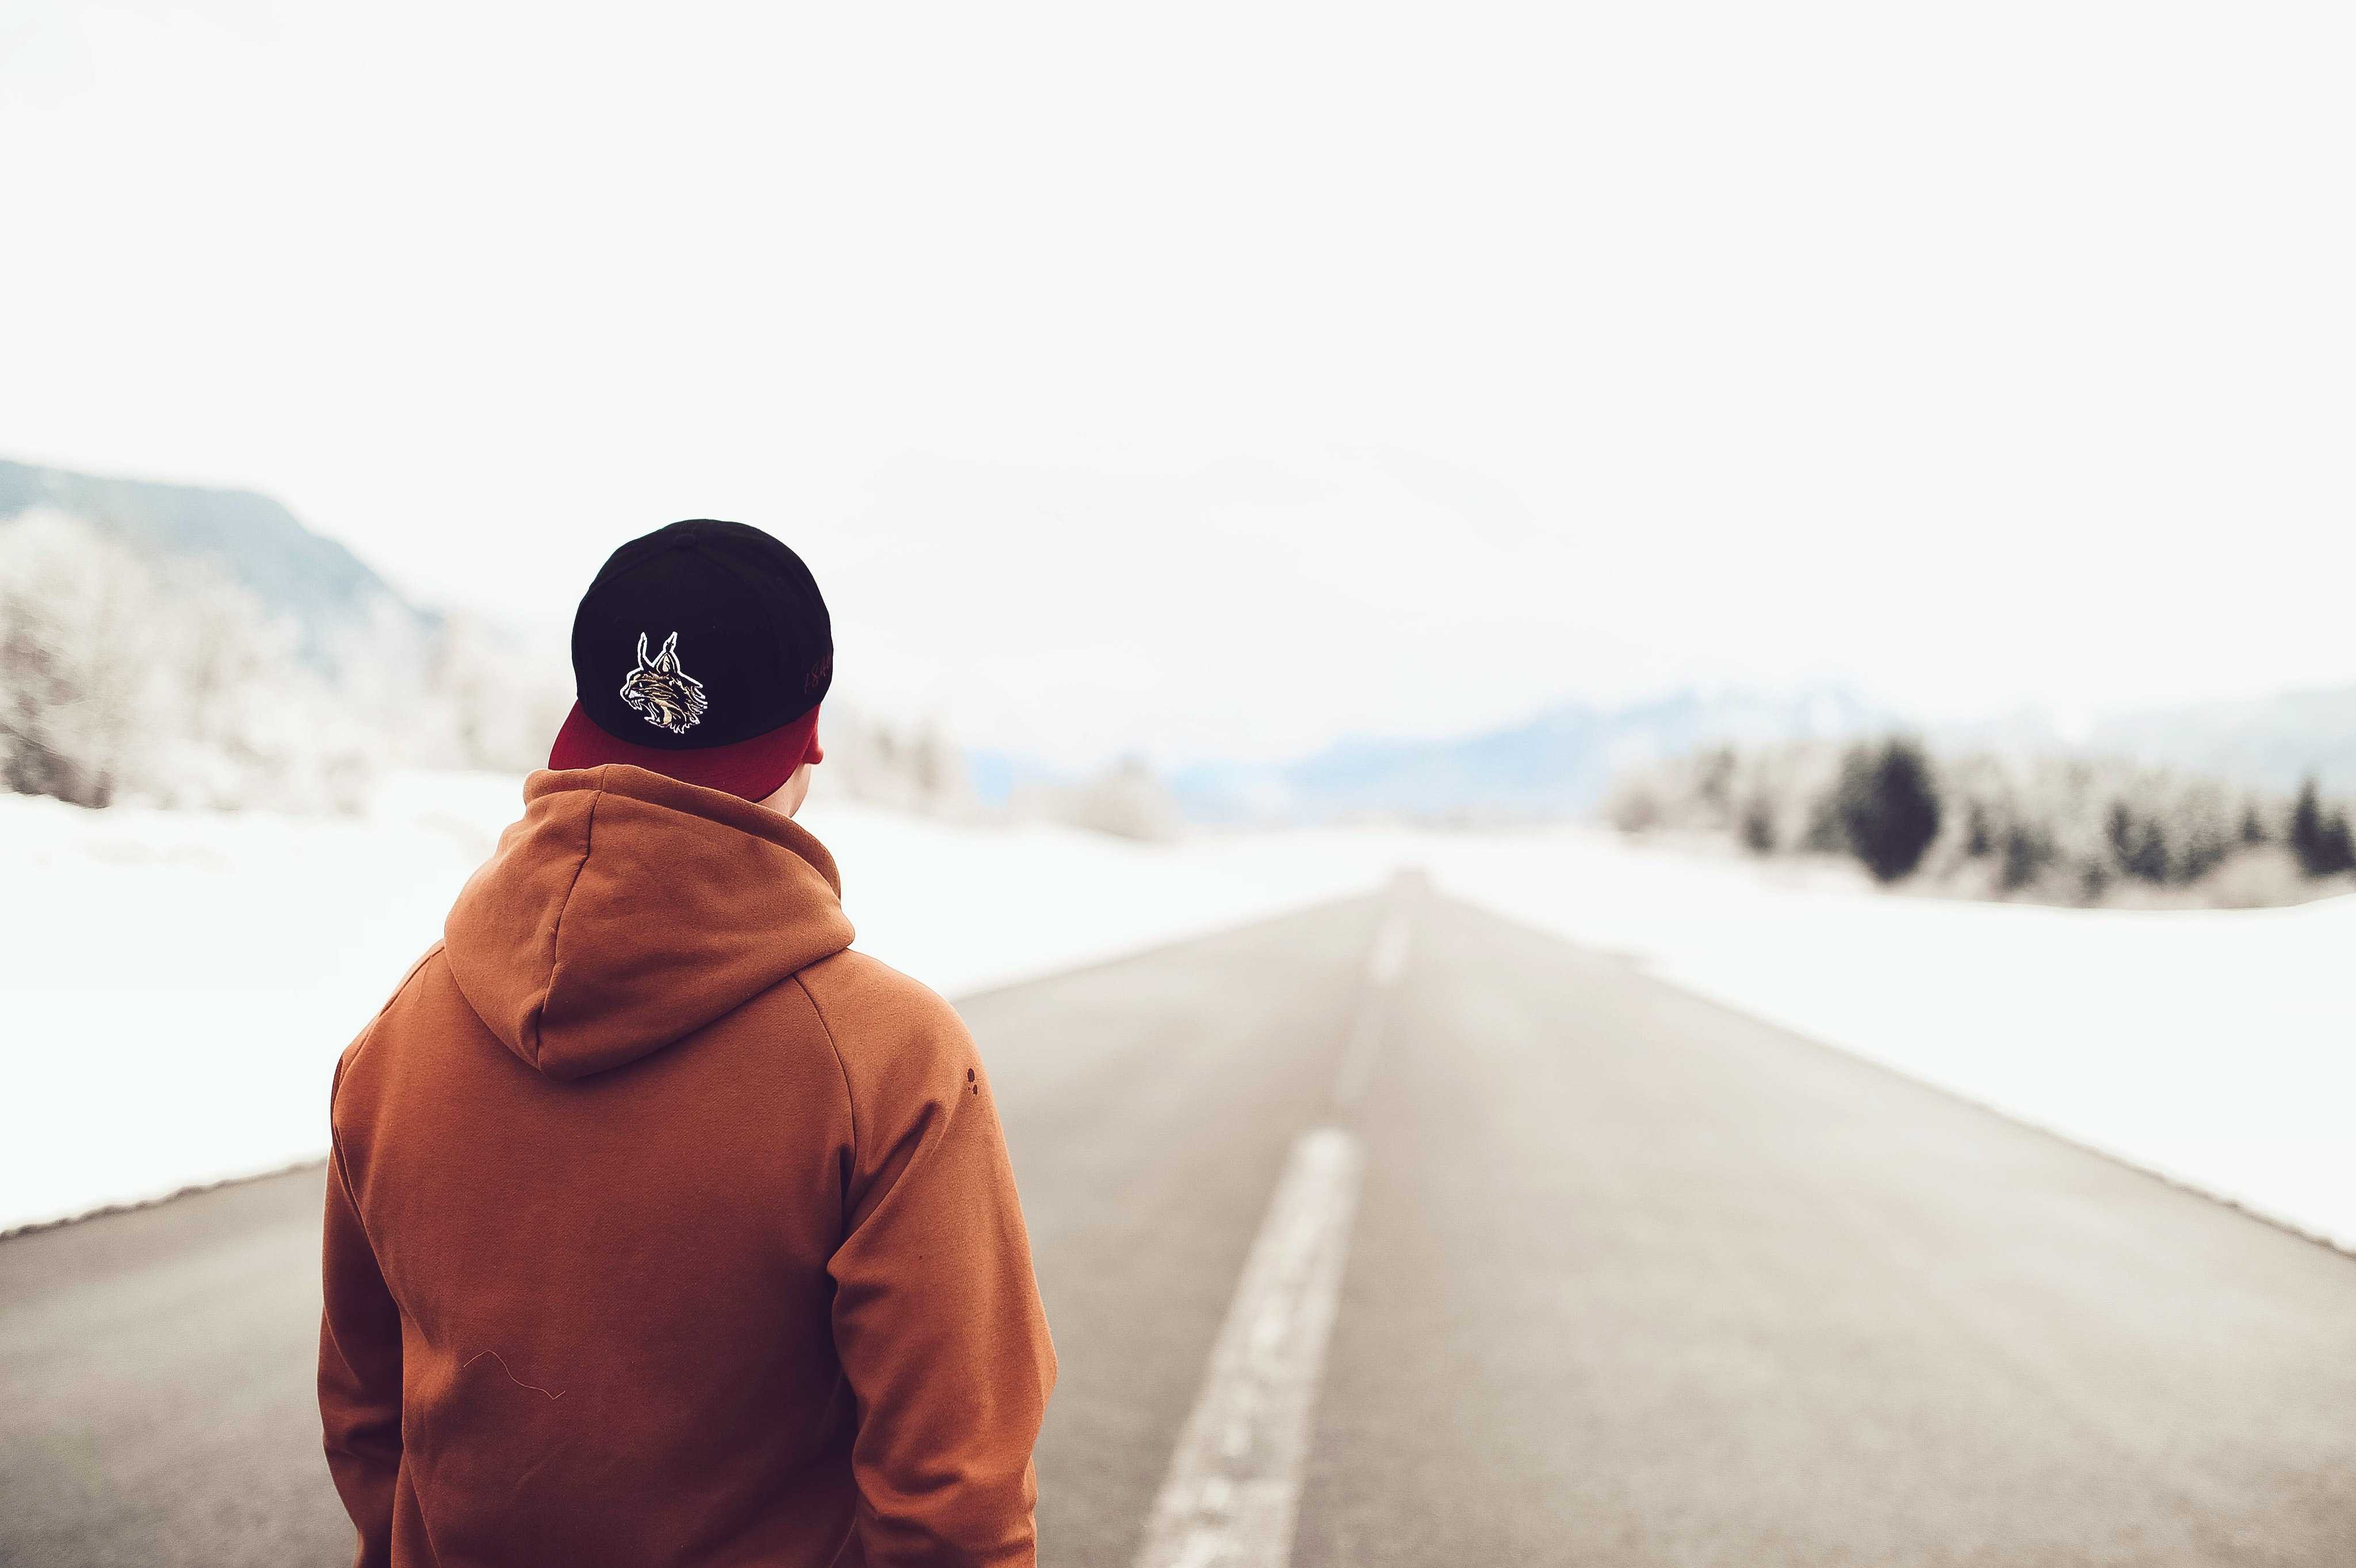 Person in brown hoodie standing on asphalt road photo